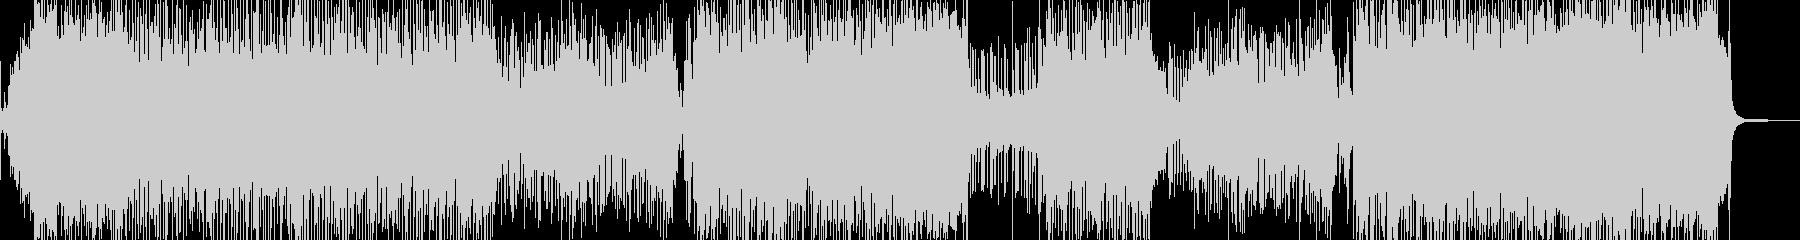 琴・三味線・全速力な演歌調ロック S2の未再生の波形